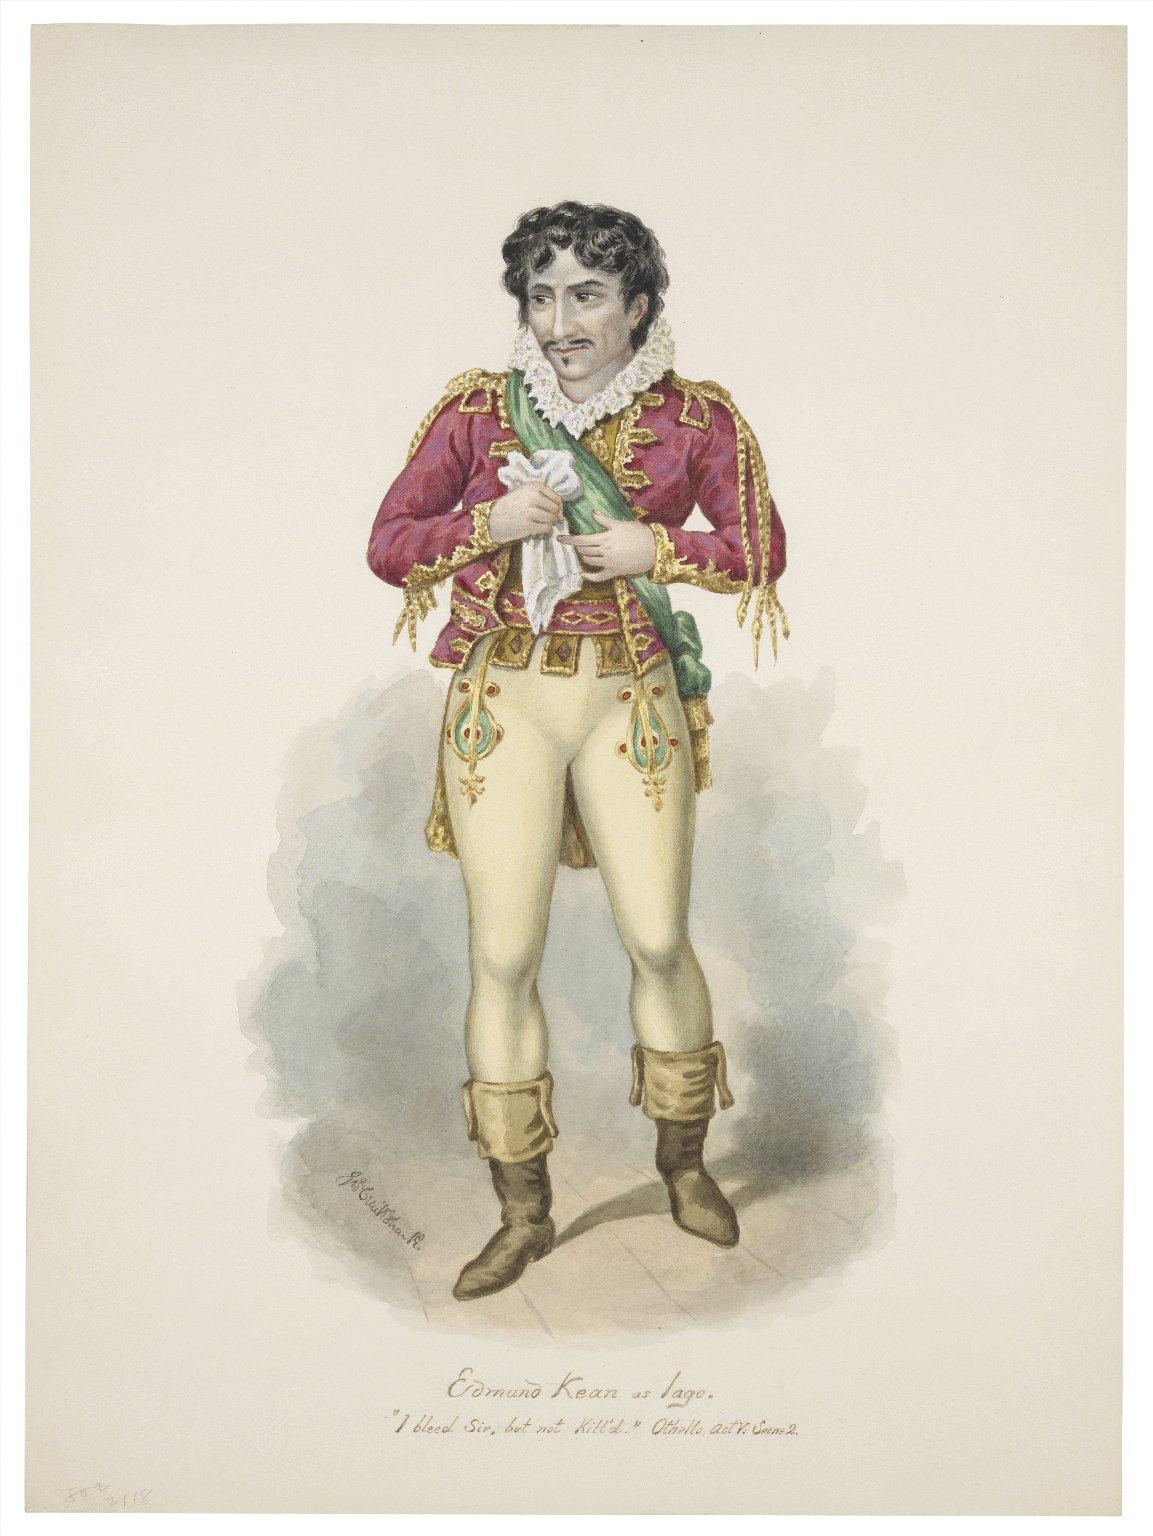 Edmund Kean as Iago [graphic] / [Victor Moblard].